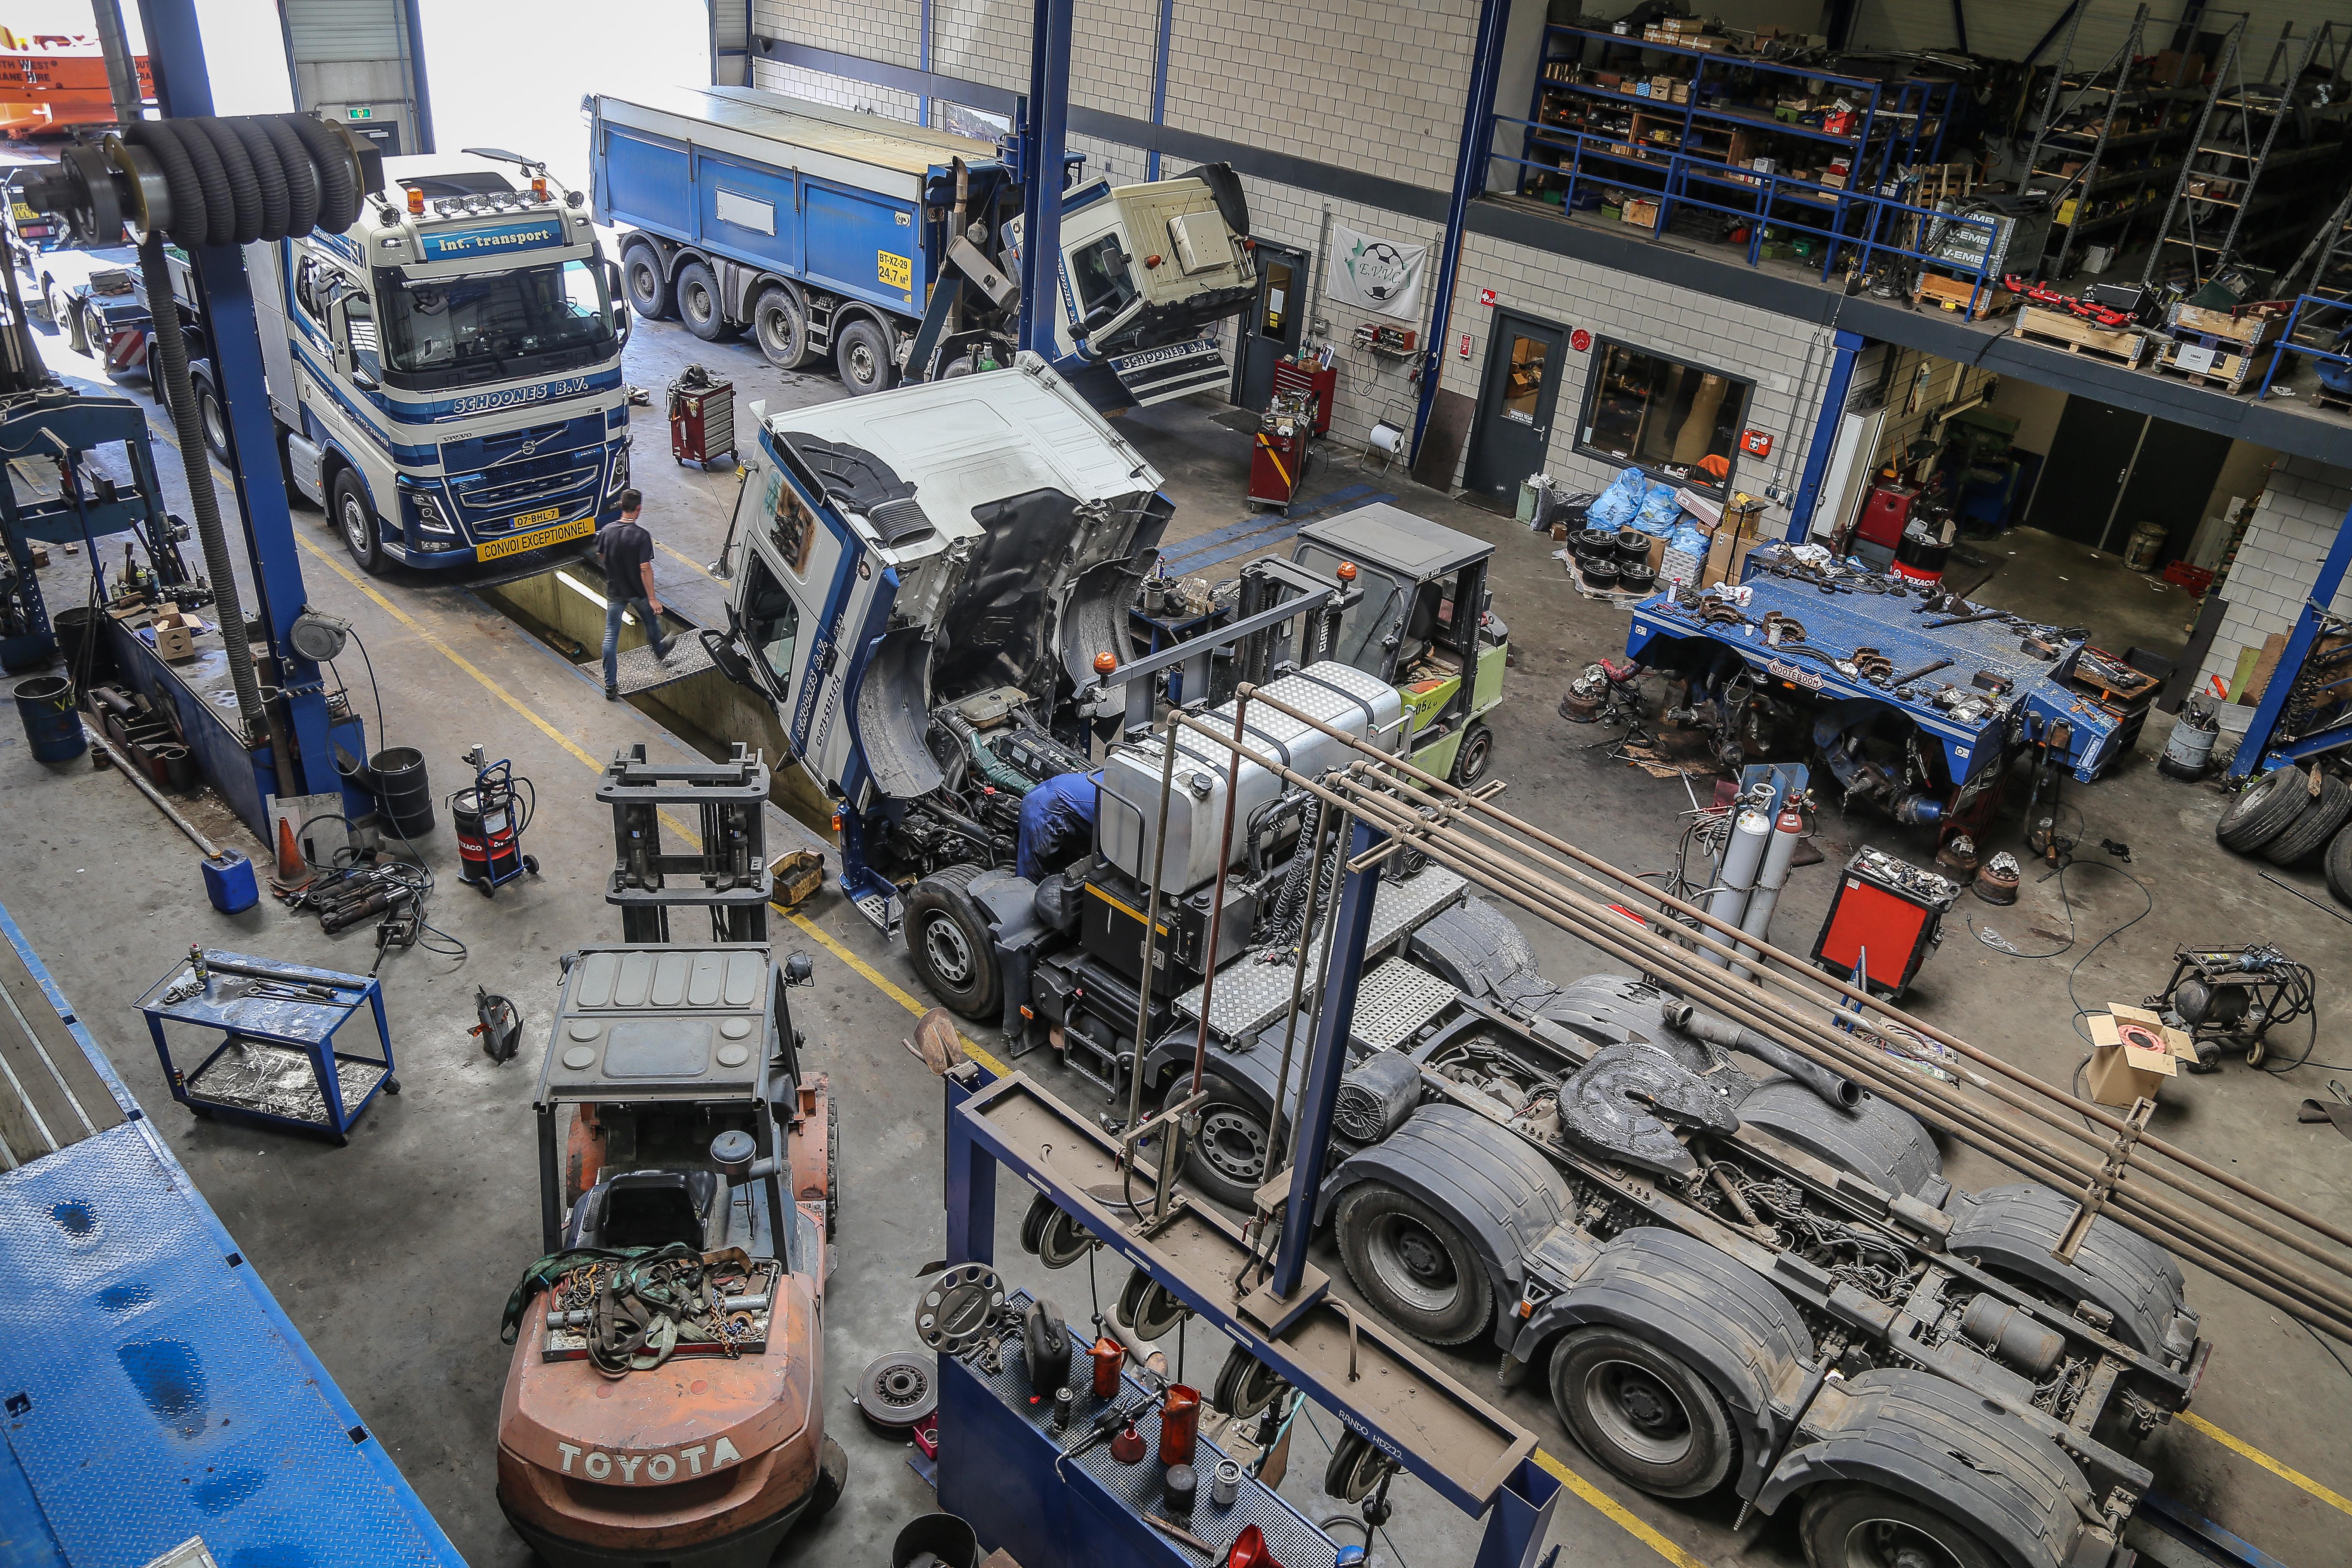 <p>Deze Volvo FM uit 2010 was een van de eerste vijfassers in het wagenpark. In eerste instantie met een Deense as, later is deze verruild voor een vaste vijfde as. Deze is door Estepe aan het chassis gebouwd. Nu Volvo alles af fabriek kan leveren, zijn zulke verbouwingen niet meer nodig. </p>